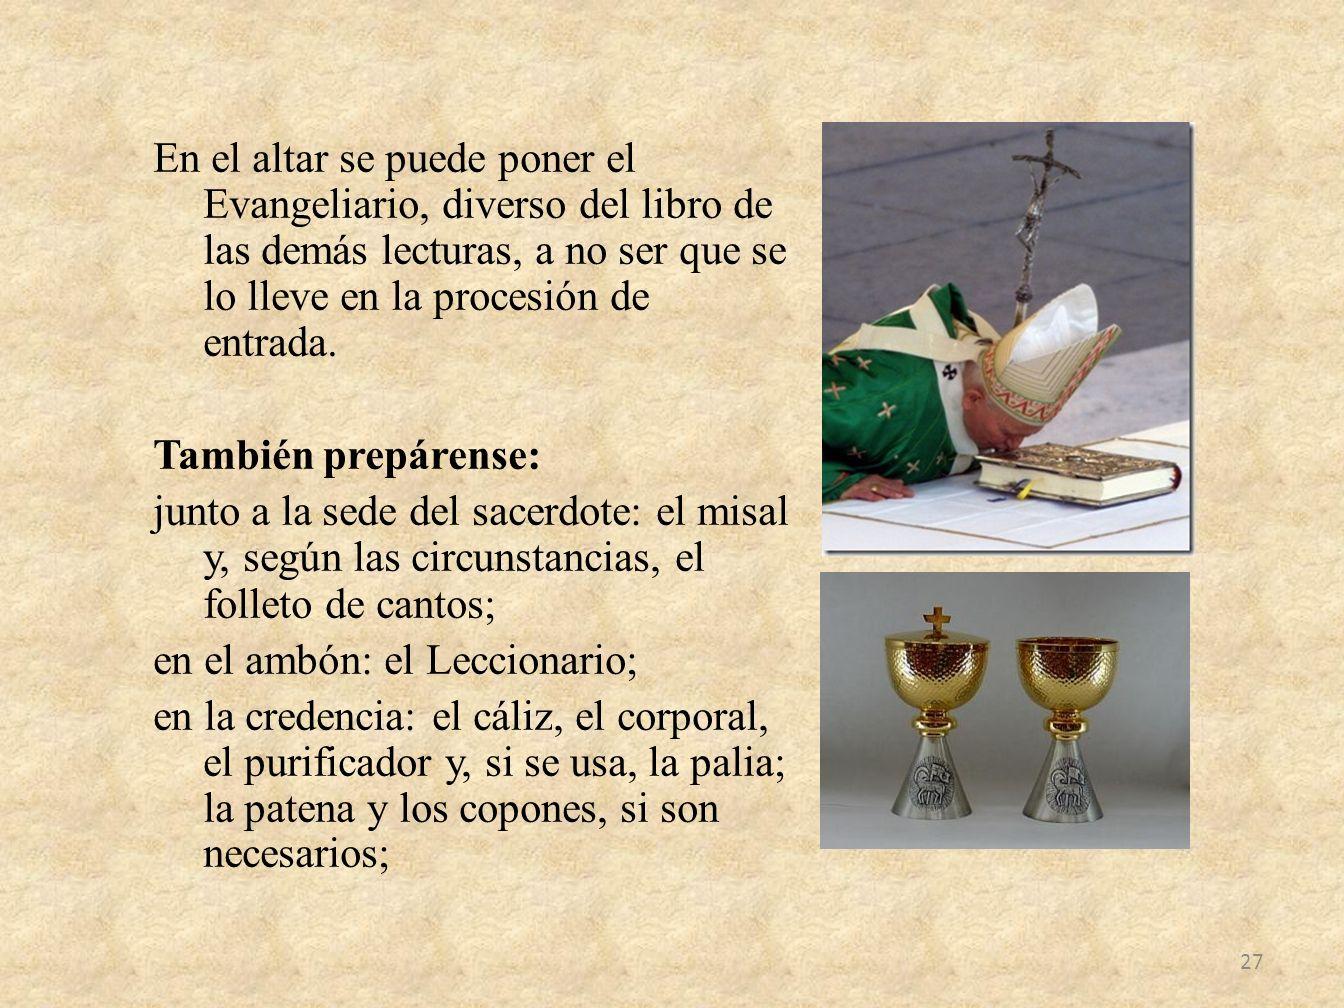 En el altar se puede poner el Evangeliario, diverso del libro de las demás lecturas, a no ser que se lo lleve en la procesión de entrada.